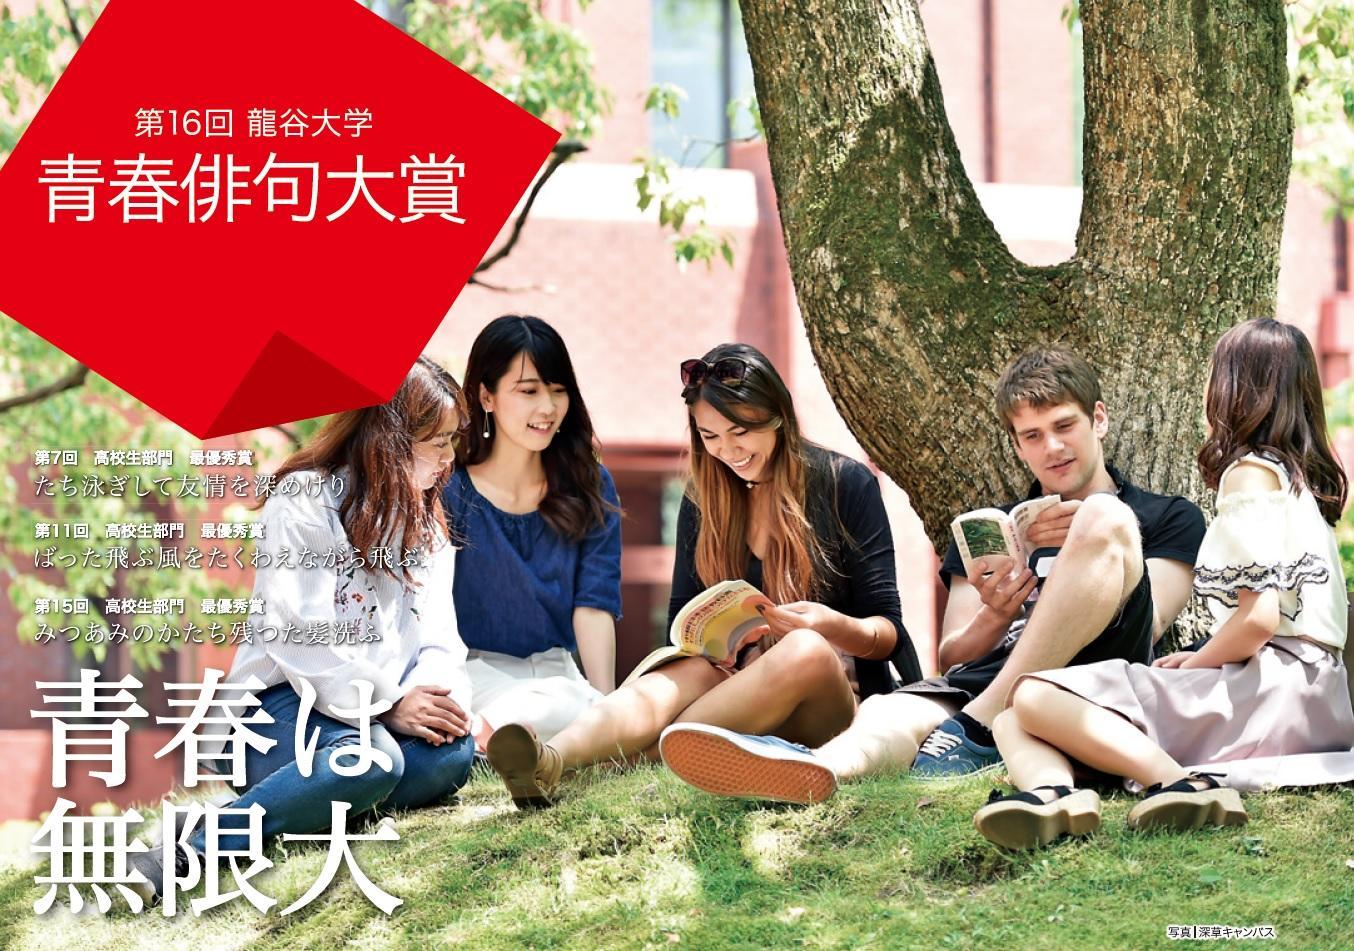 龍谷大学 第16回青春俳句大賞を開催